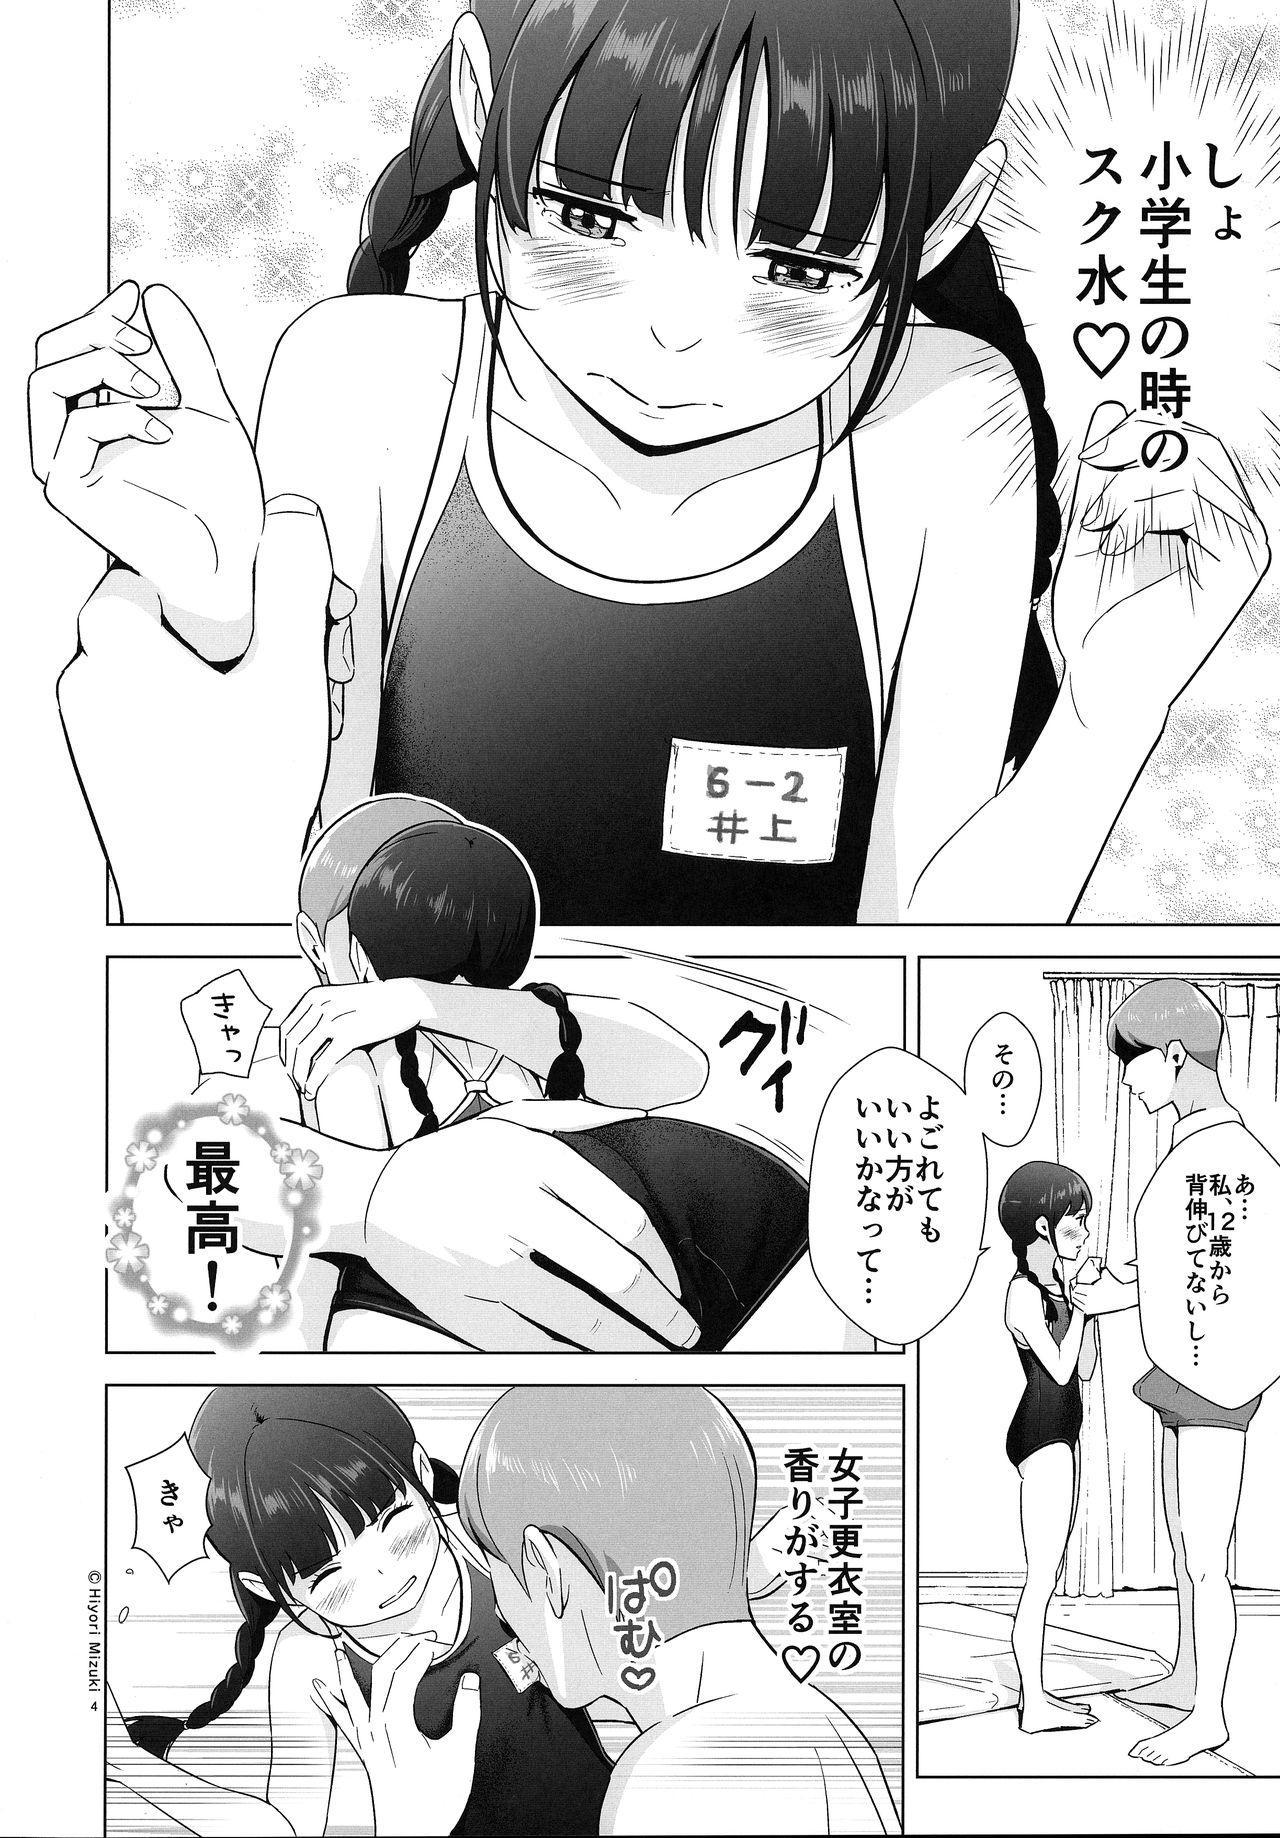 Senobi Shoujo to Icha Love Seikatsu Inoue Chiri 14-sai 4